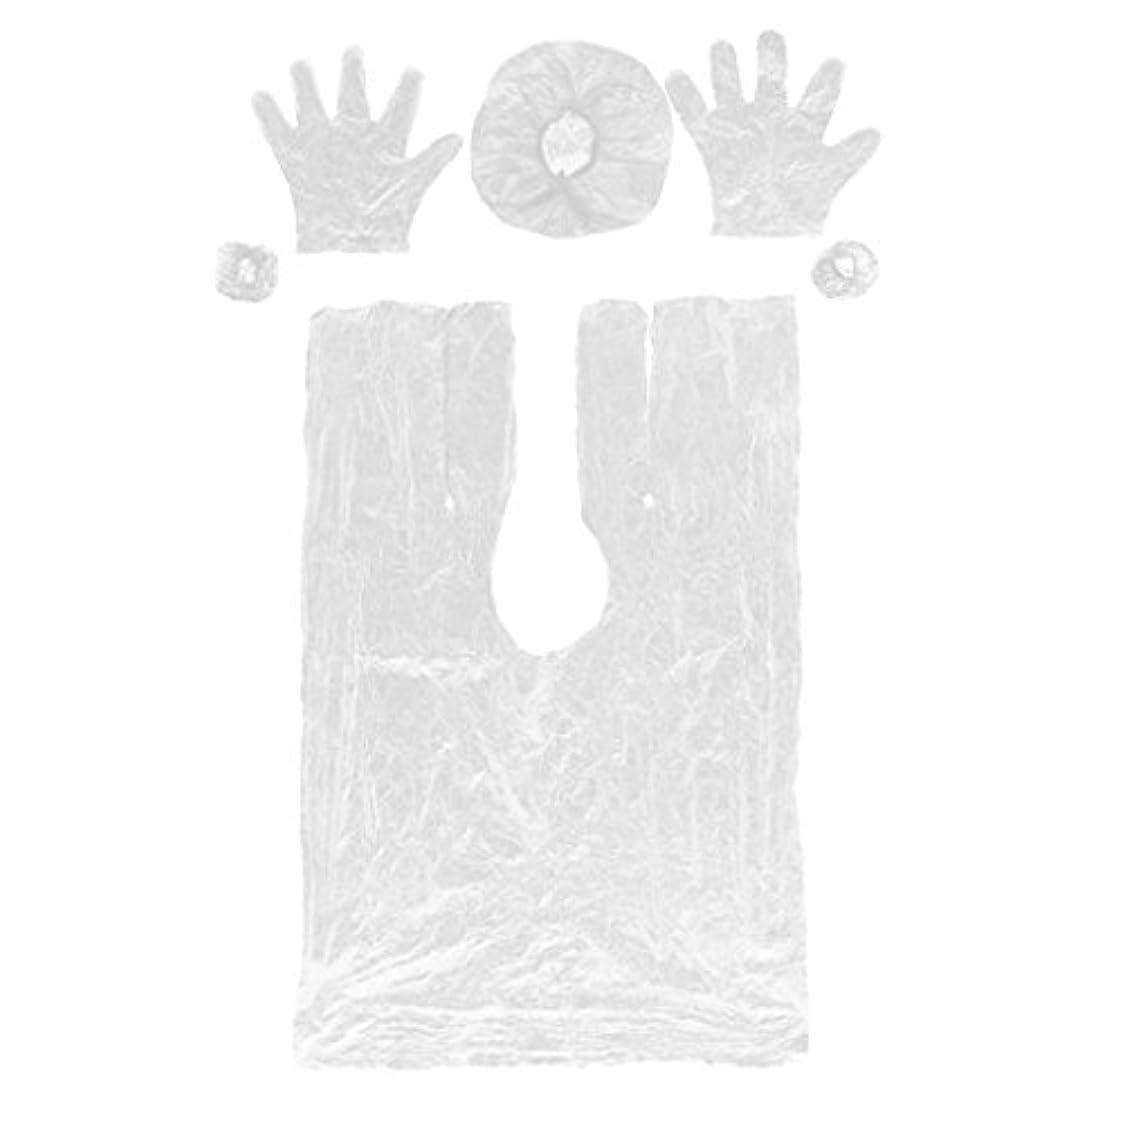 歌詞リンケージ千DYNWAVE ヘアーヘッド 弾性キャップ サロン使い捨てセット